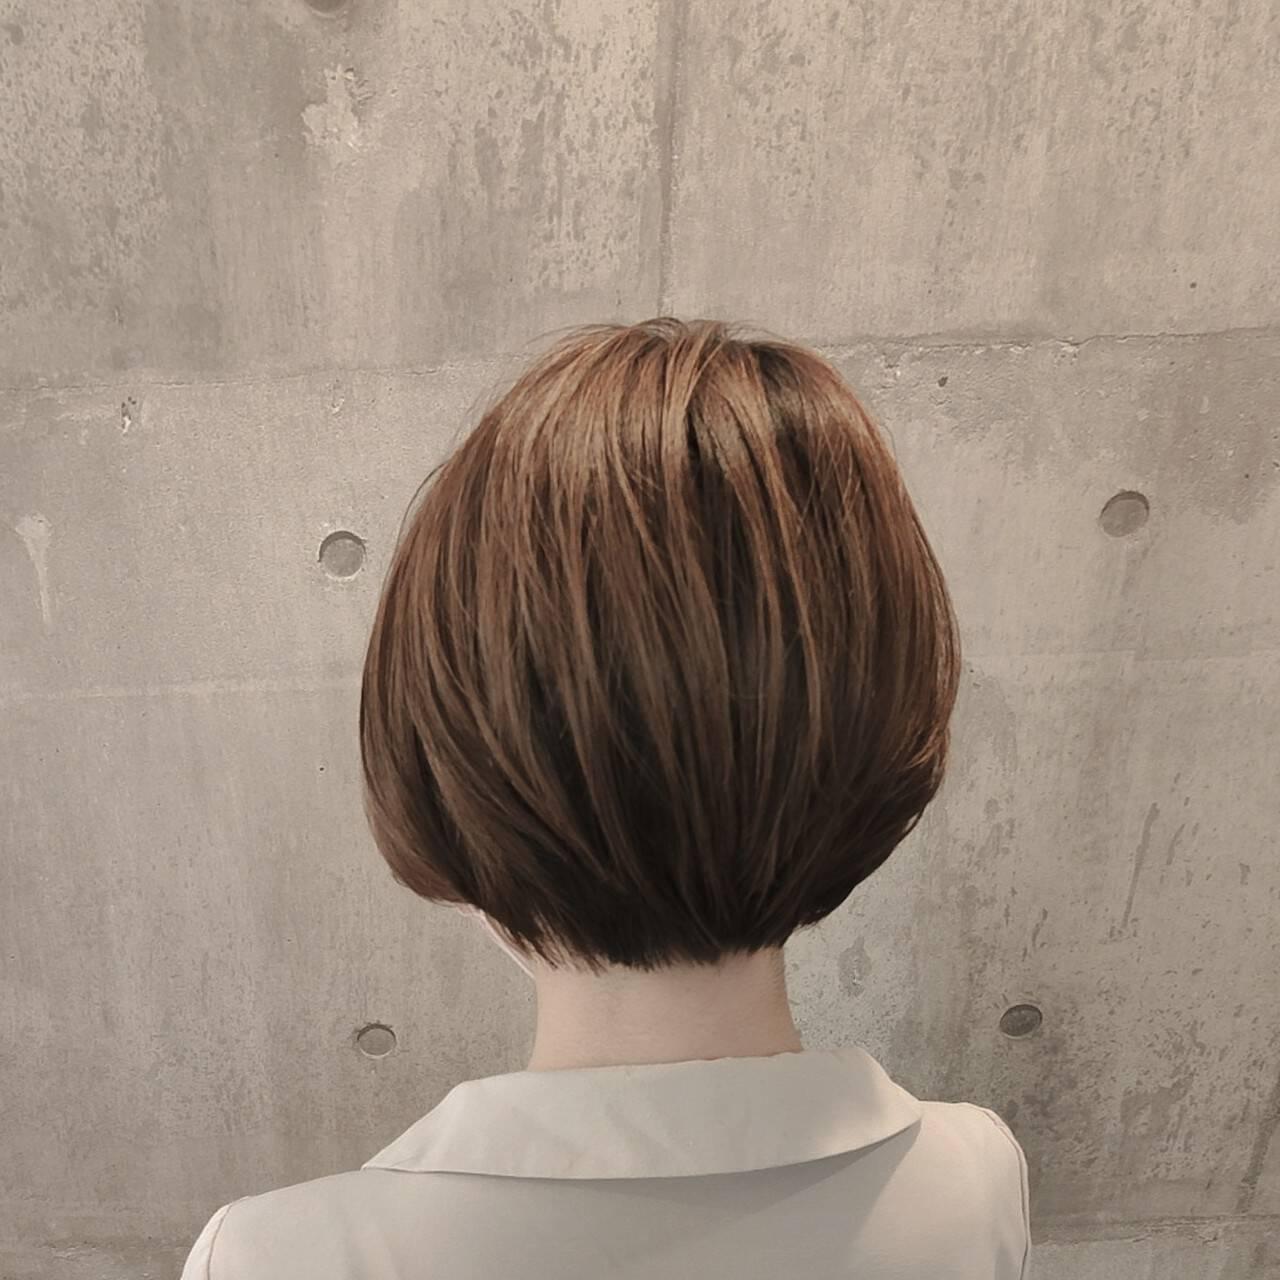 ハンサムボブ ショートボブ ショートヘア ハンサムショートヘアスタイルや髪型の写真・画像